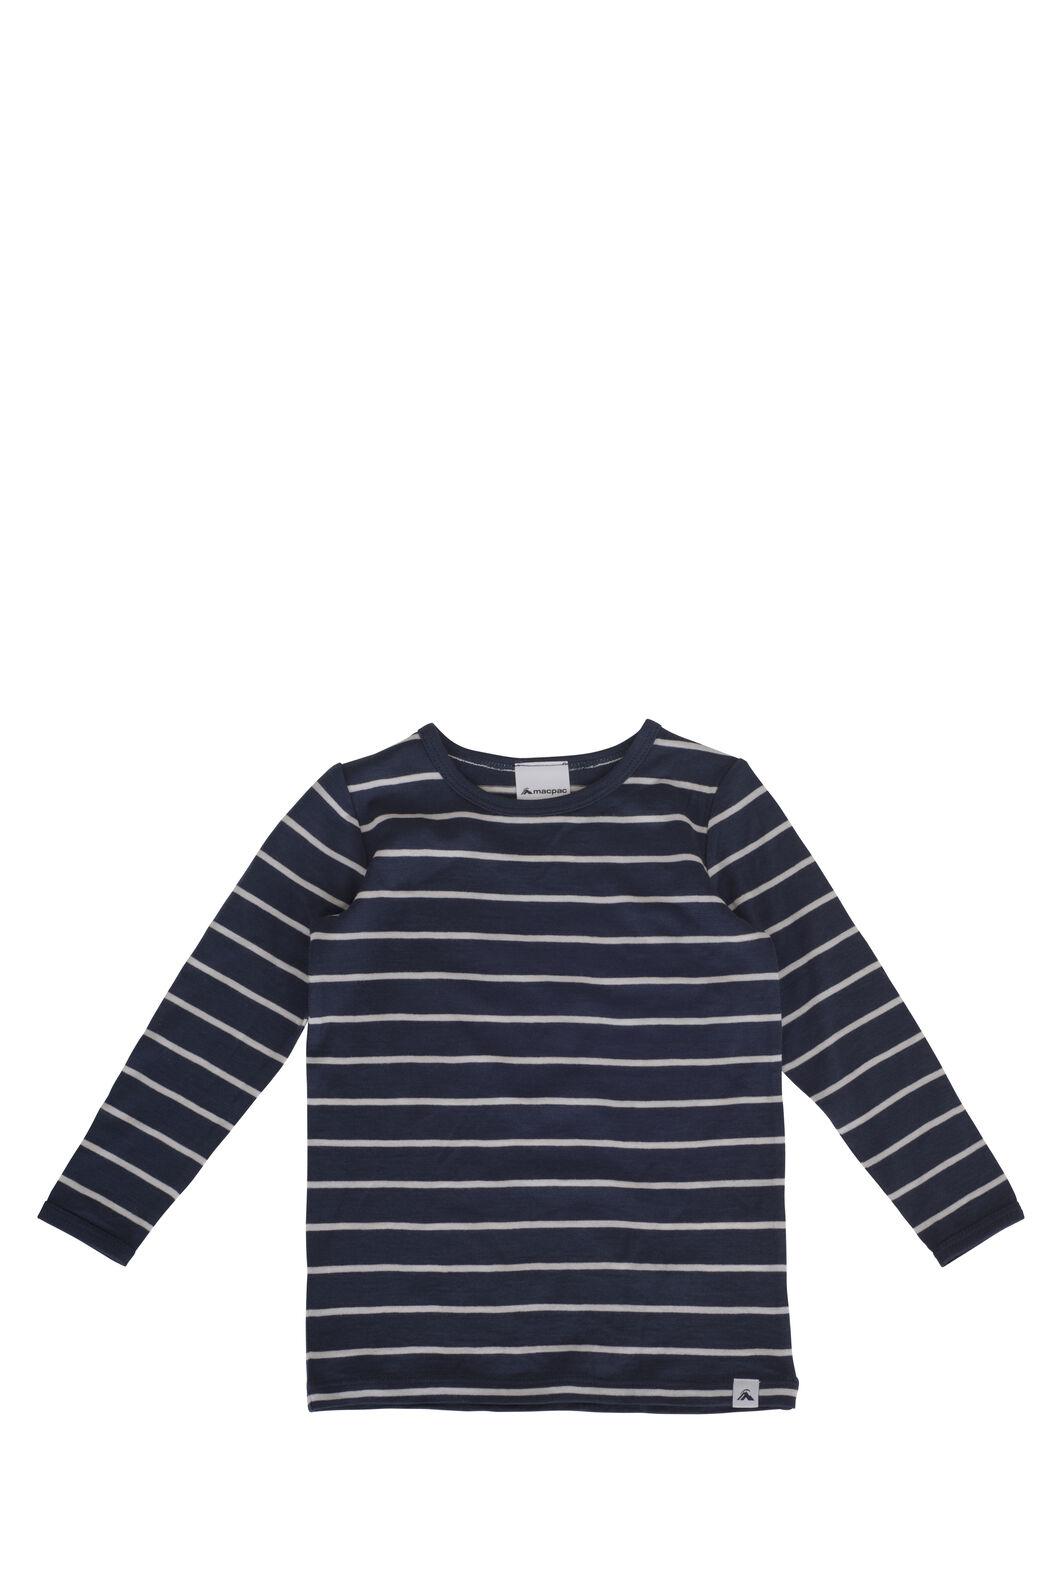 Macpac 150 Merino Long Sleeve Top - Baby, Navy Stripe, hi-res